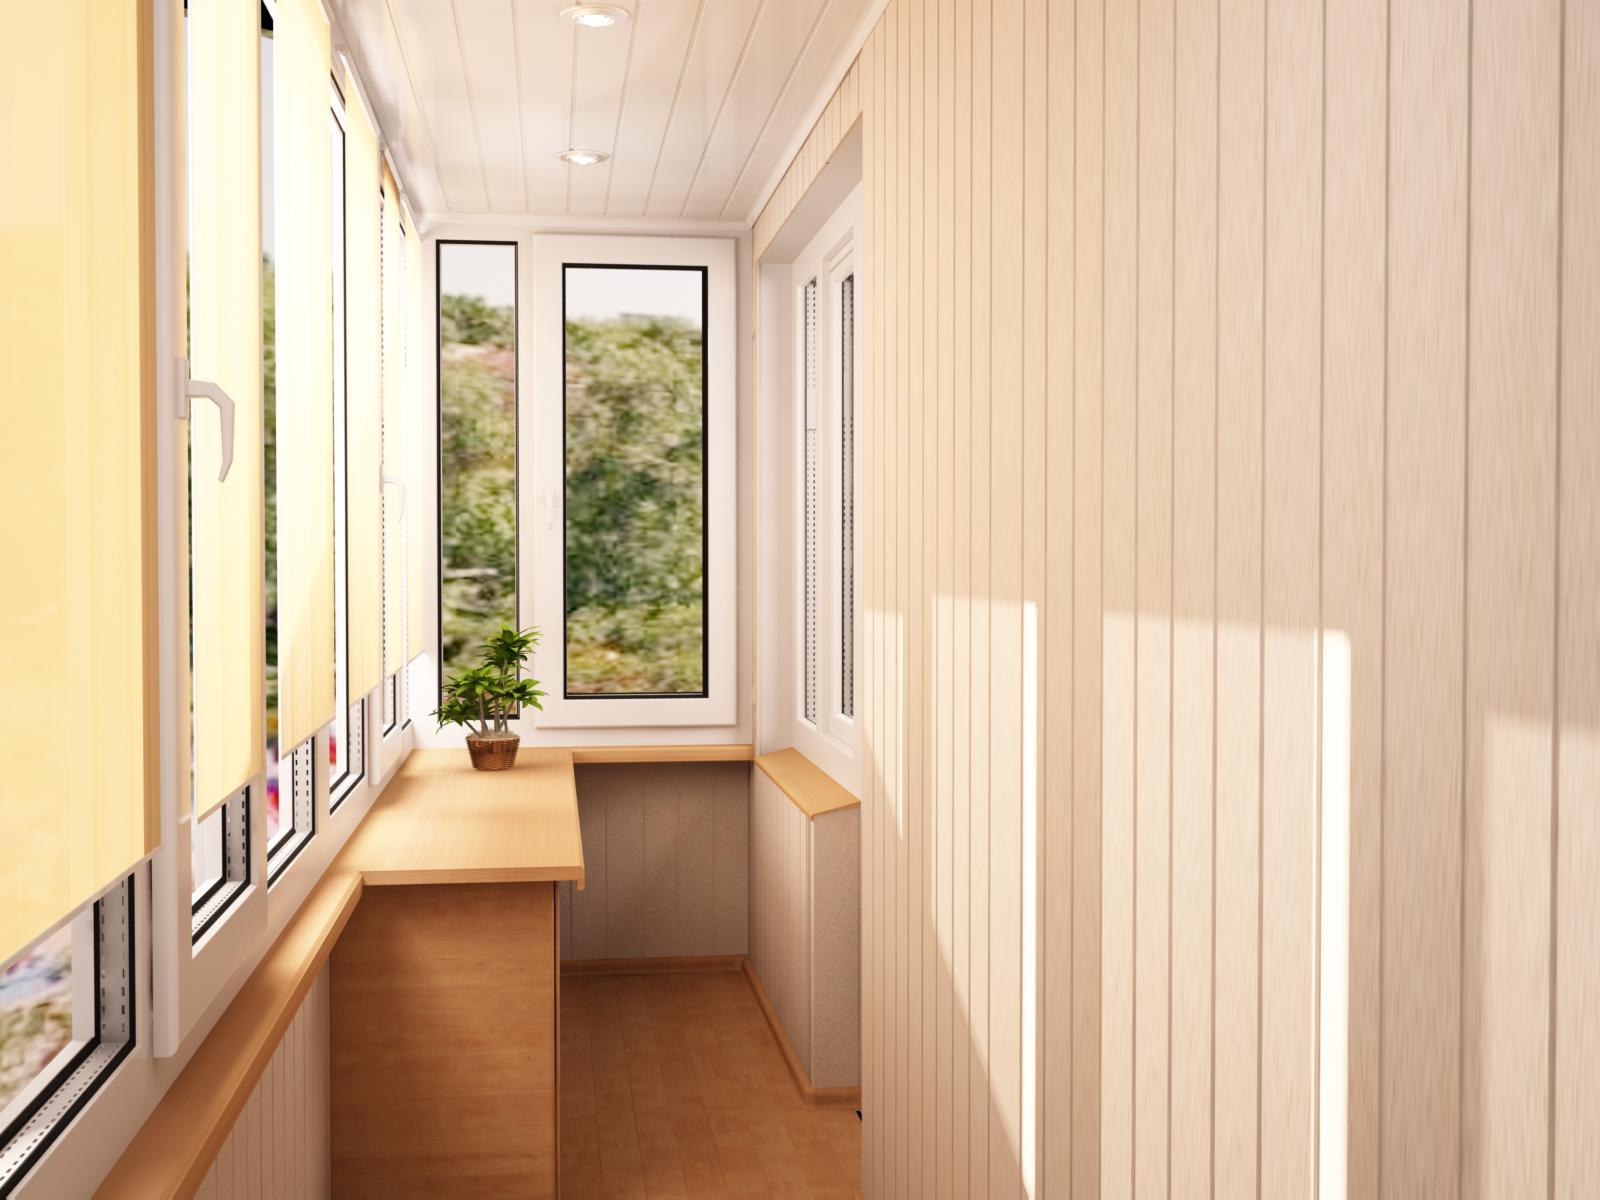 Создаем стильный дизайн балкона из вагонки: отделка стен и в.